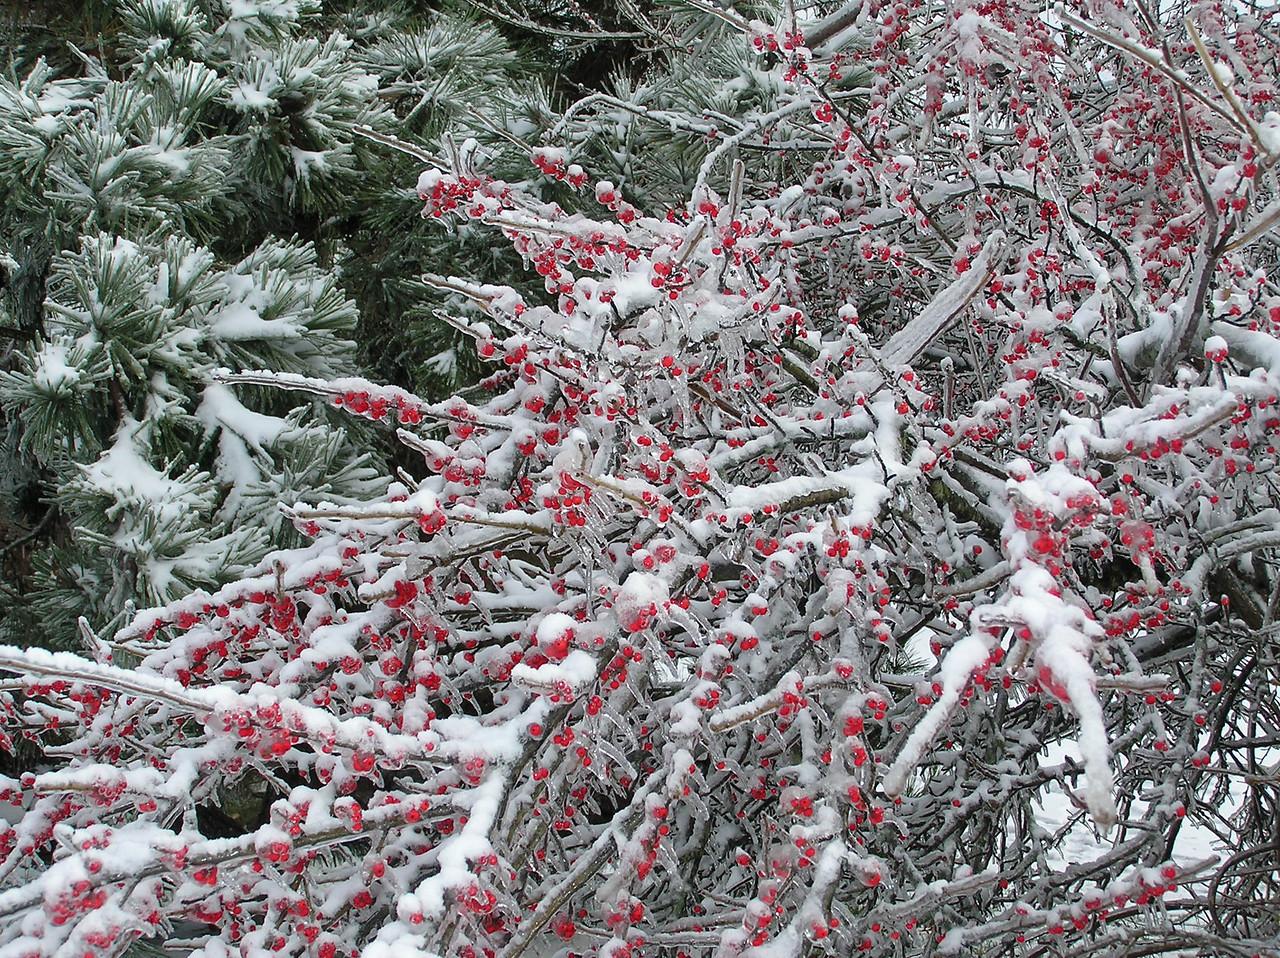 Dec 2, 2006 - Ice Storm